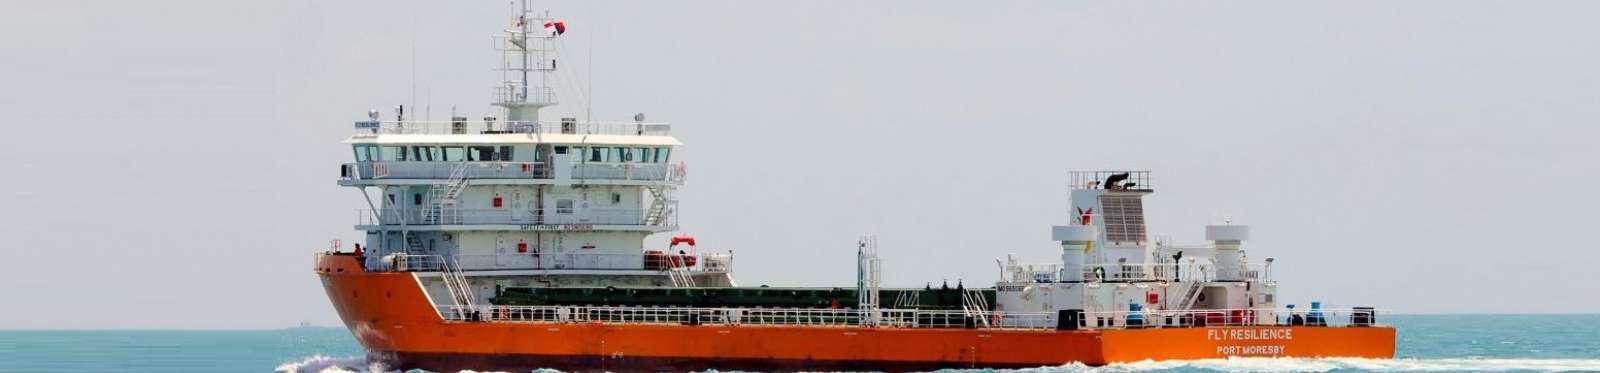 Máy phát điện tàu thủy